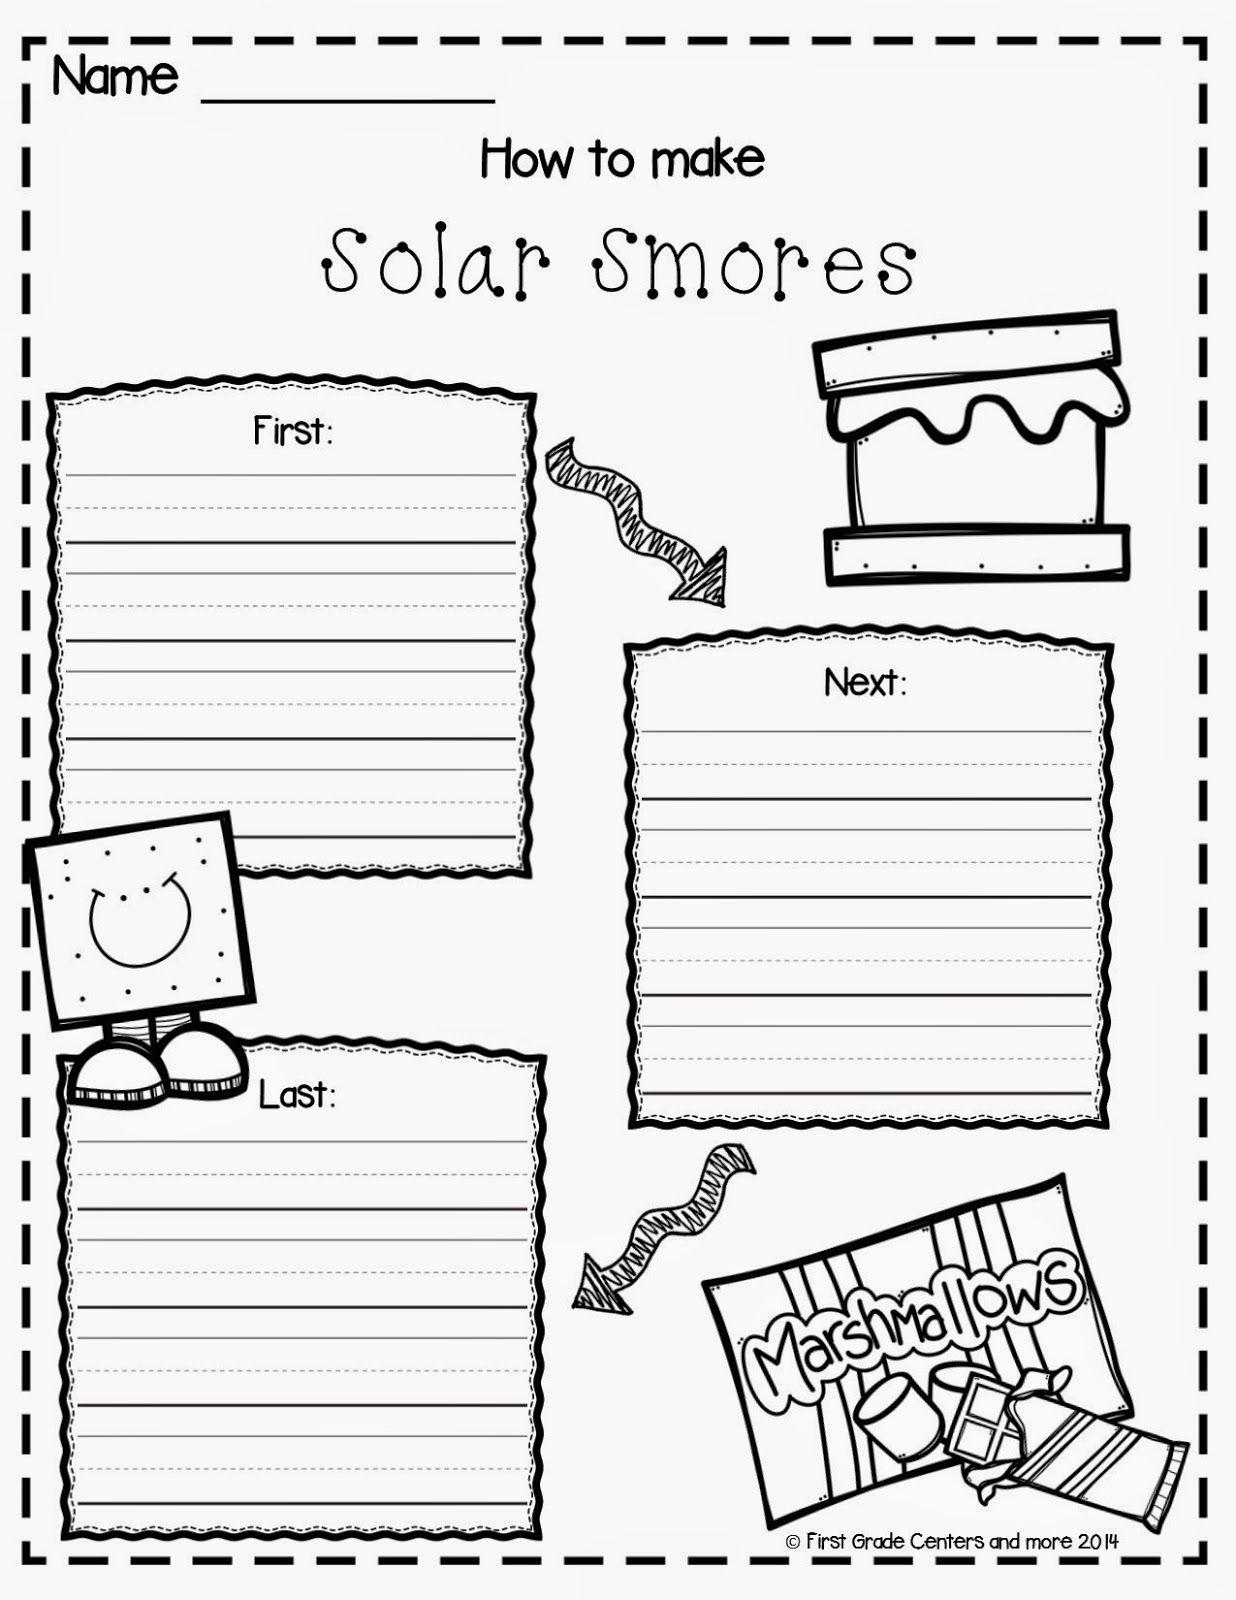 Solar Smores Writing Freebie